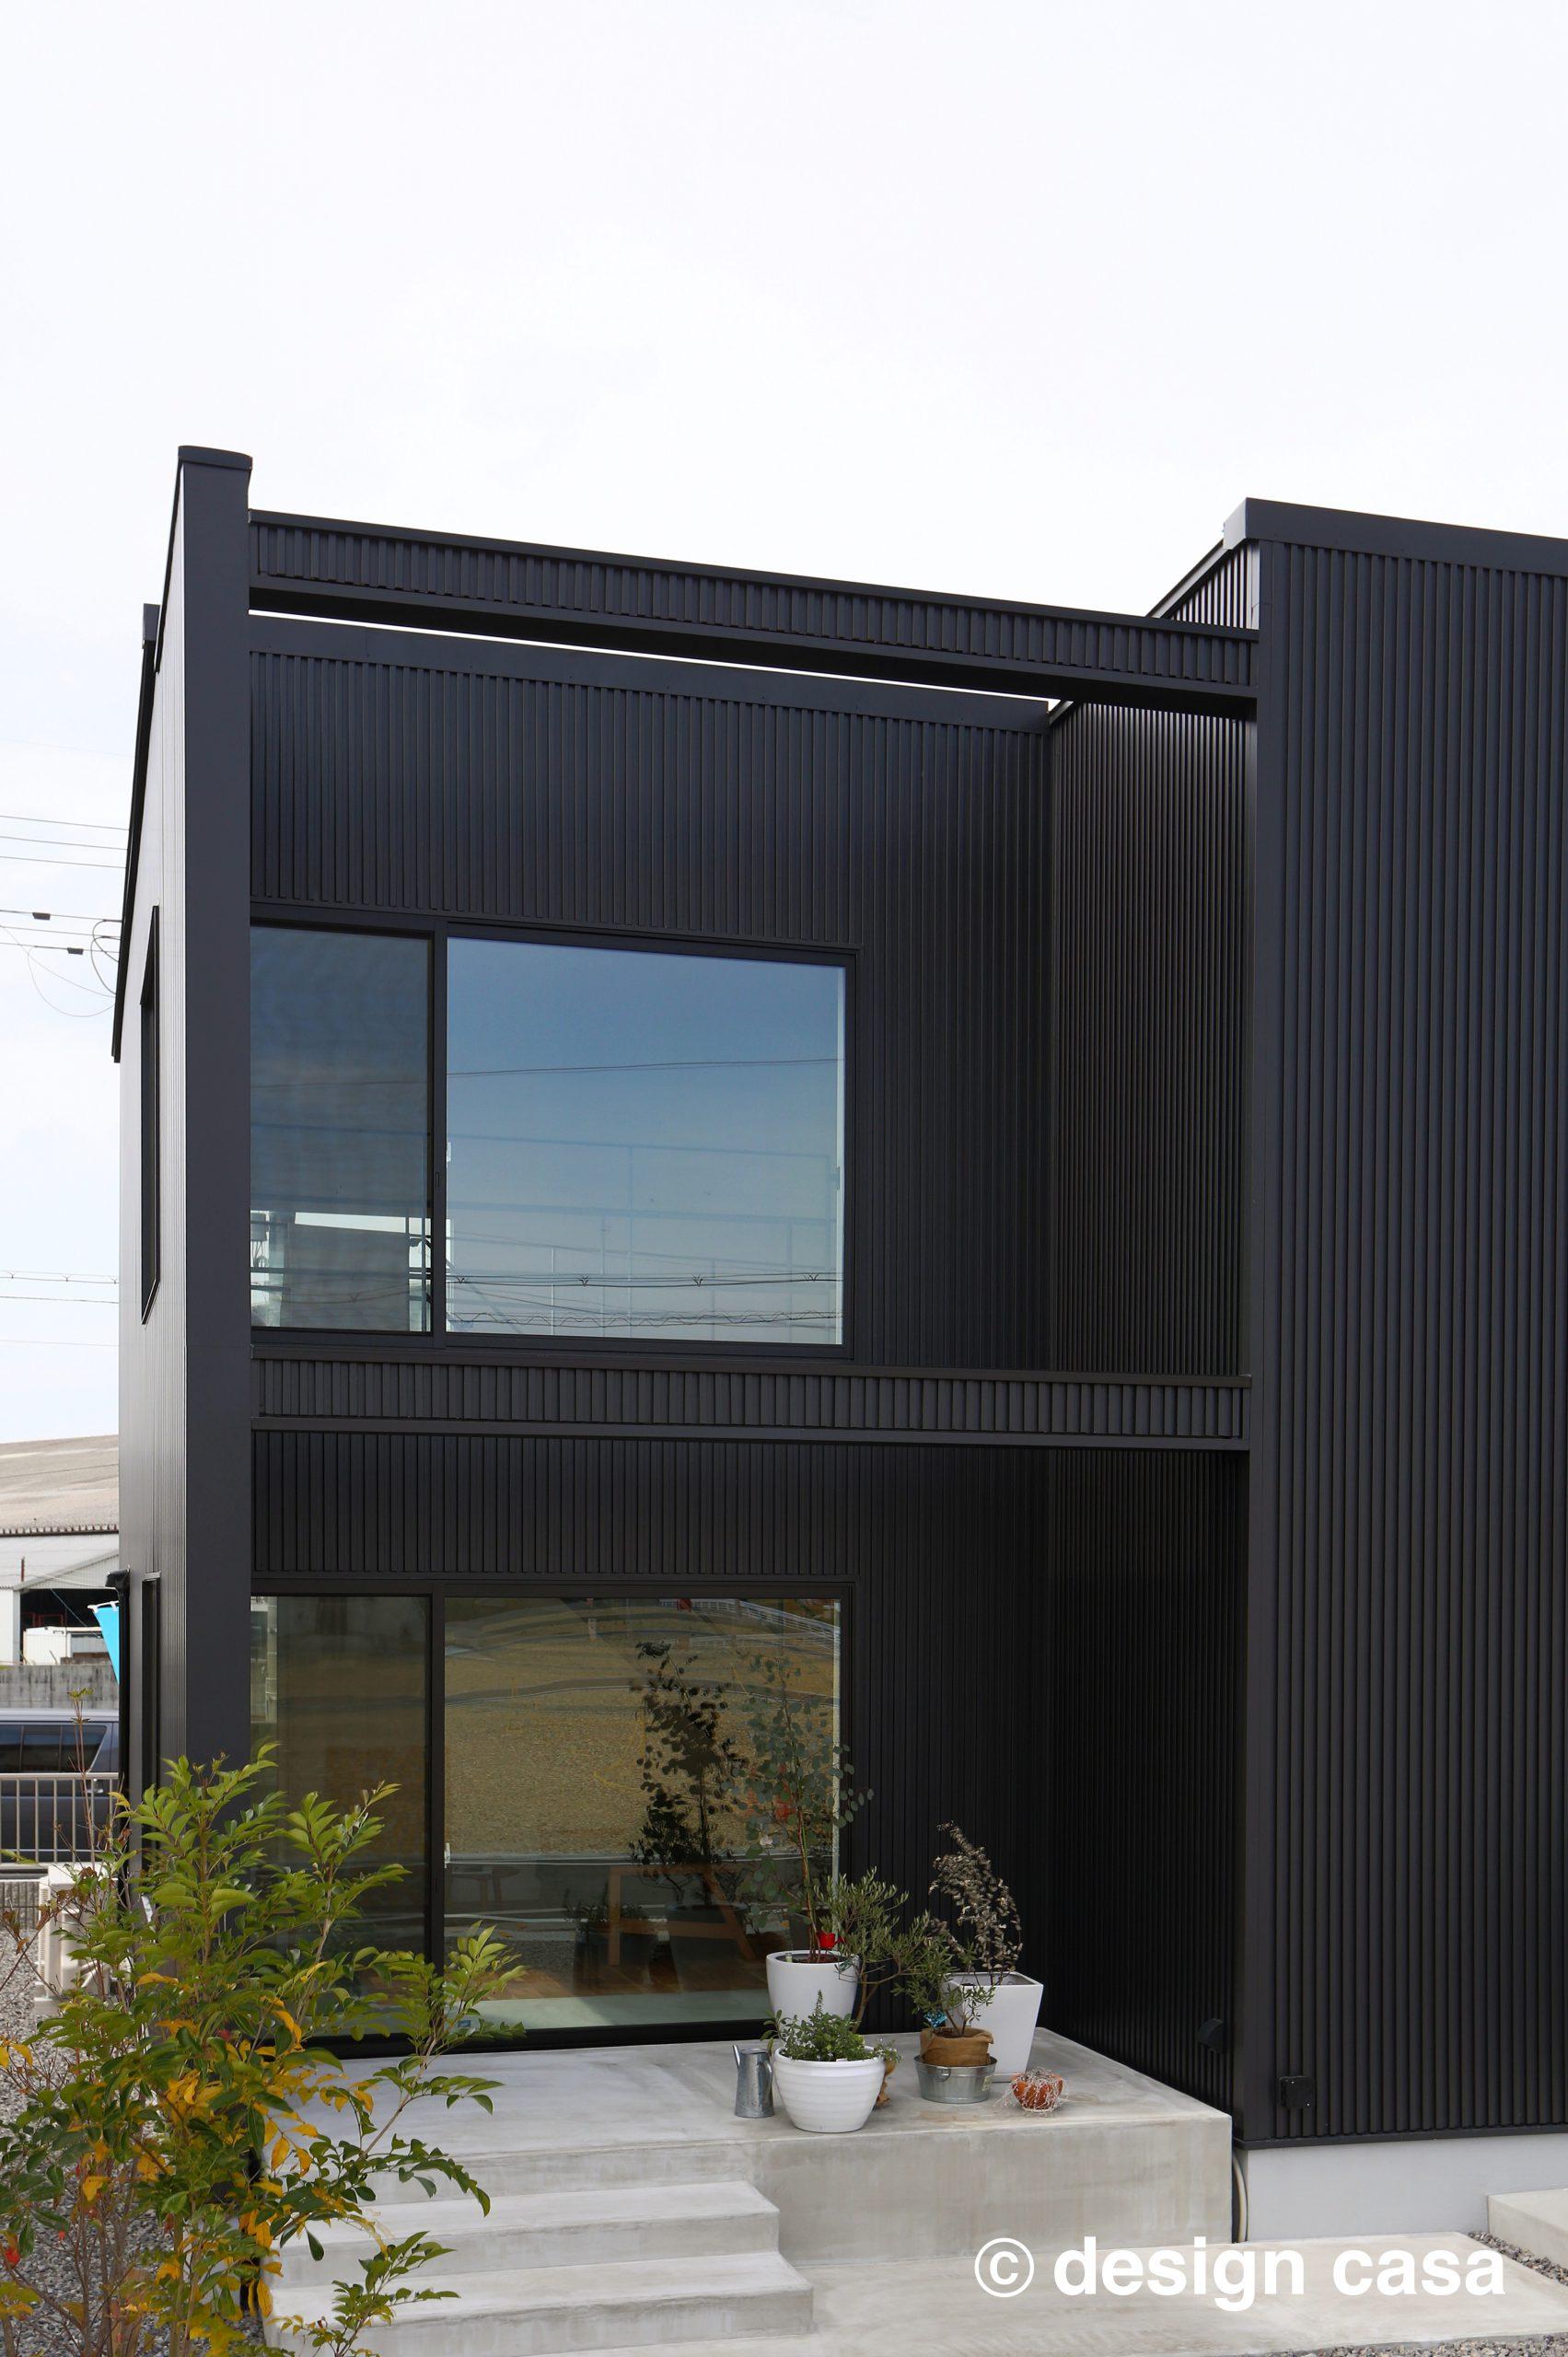 黒を基調としたスタイリッシュなデザイン住宅の外観